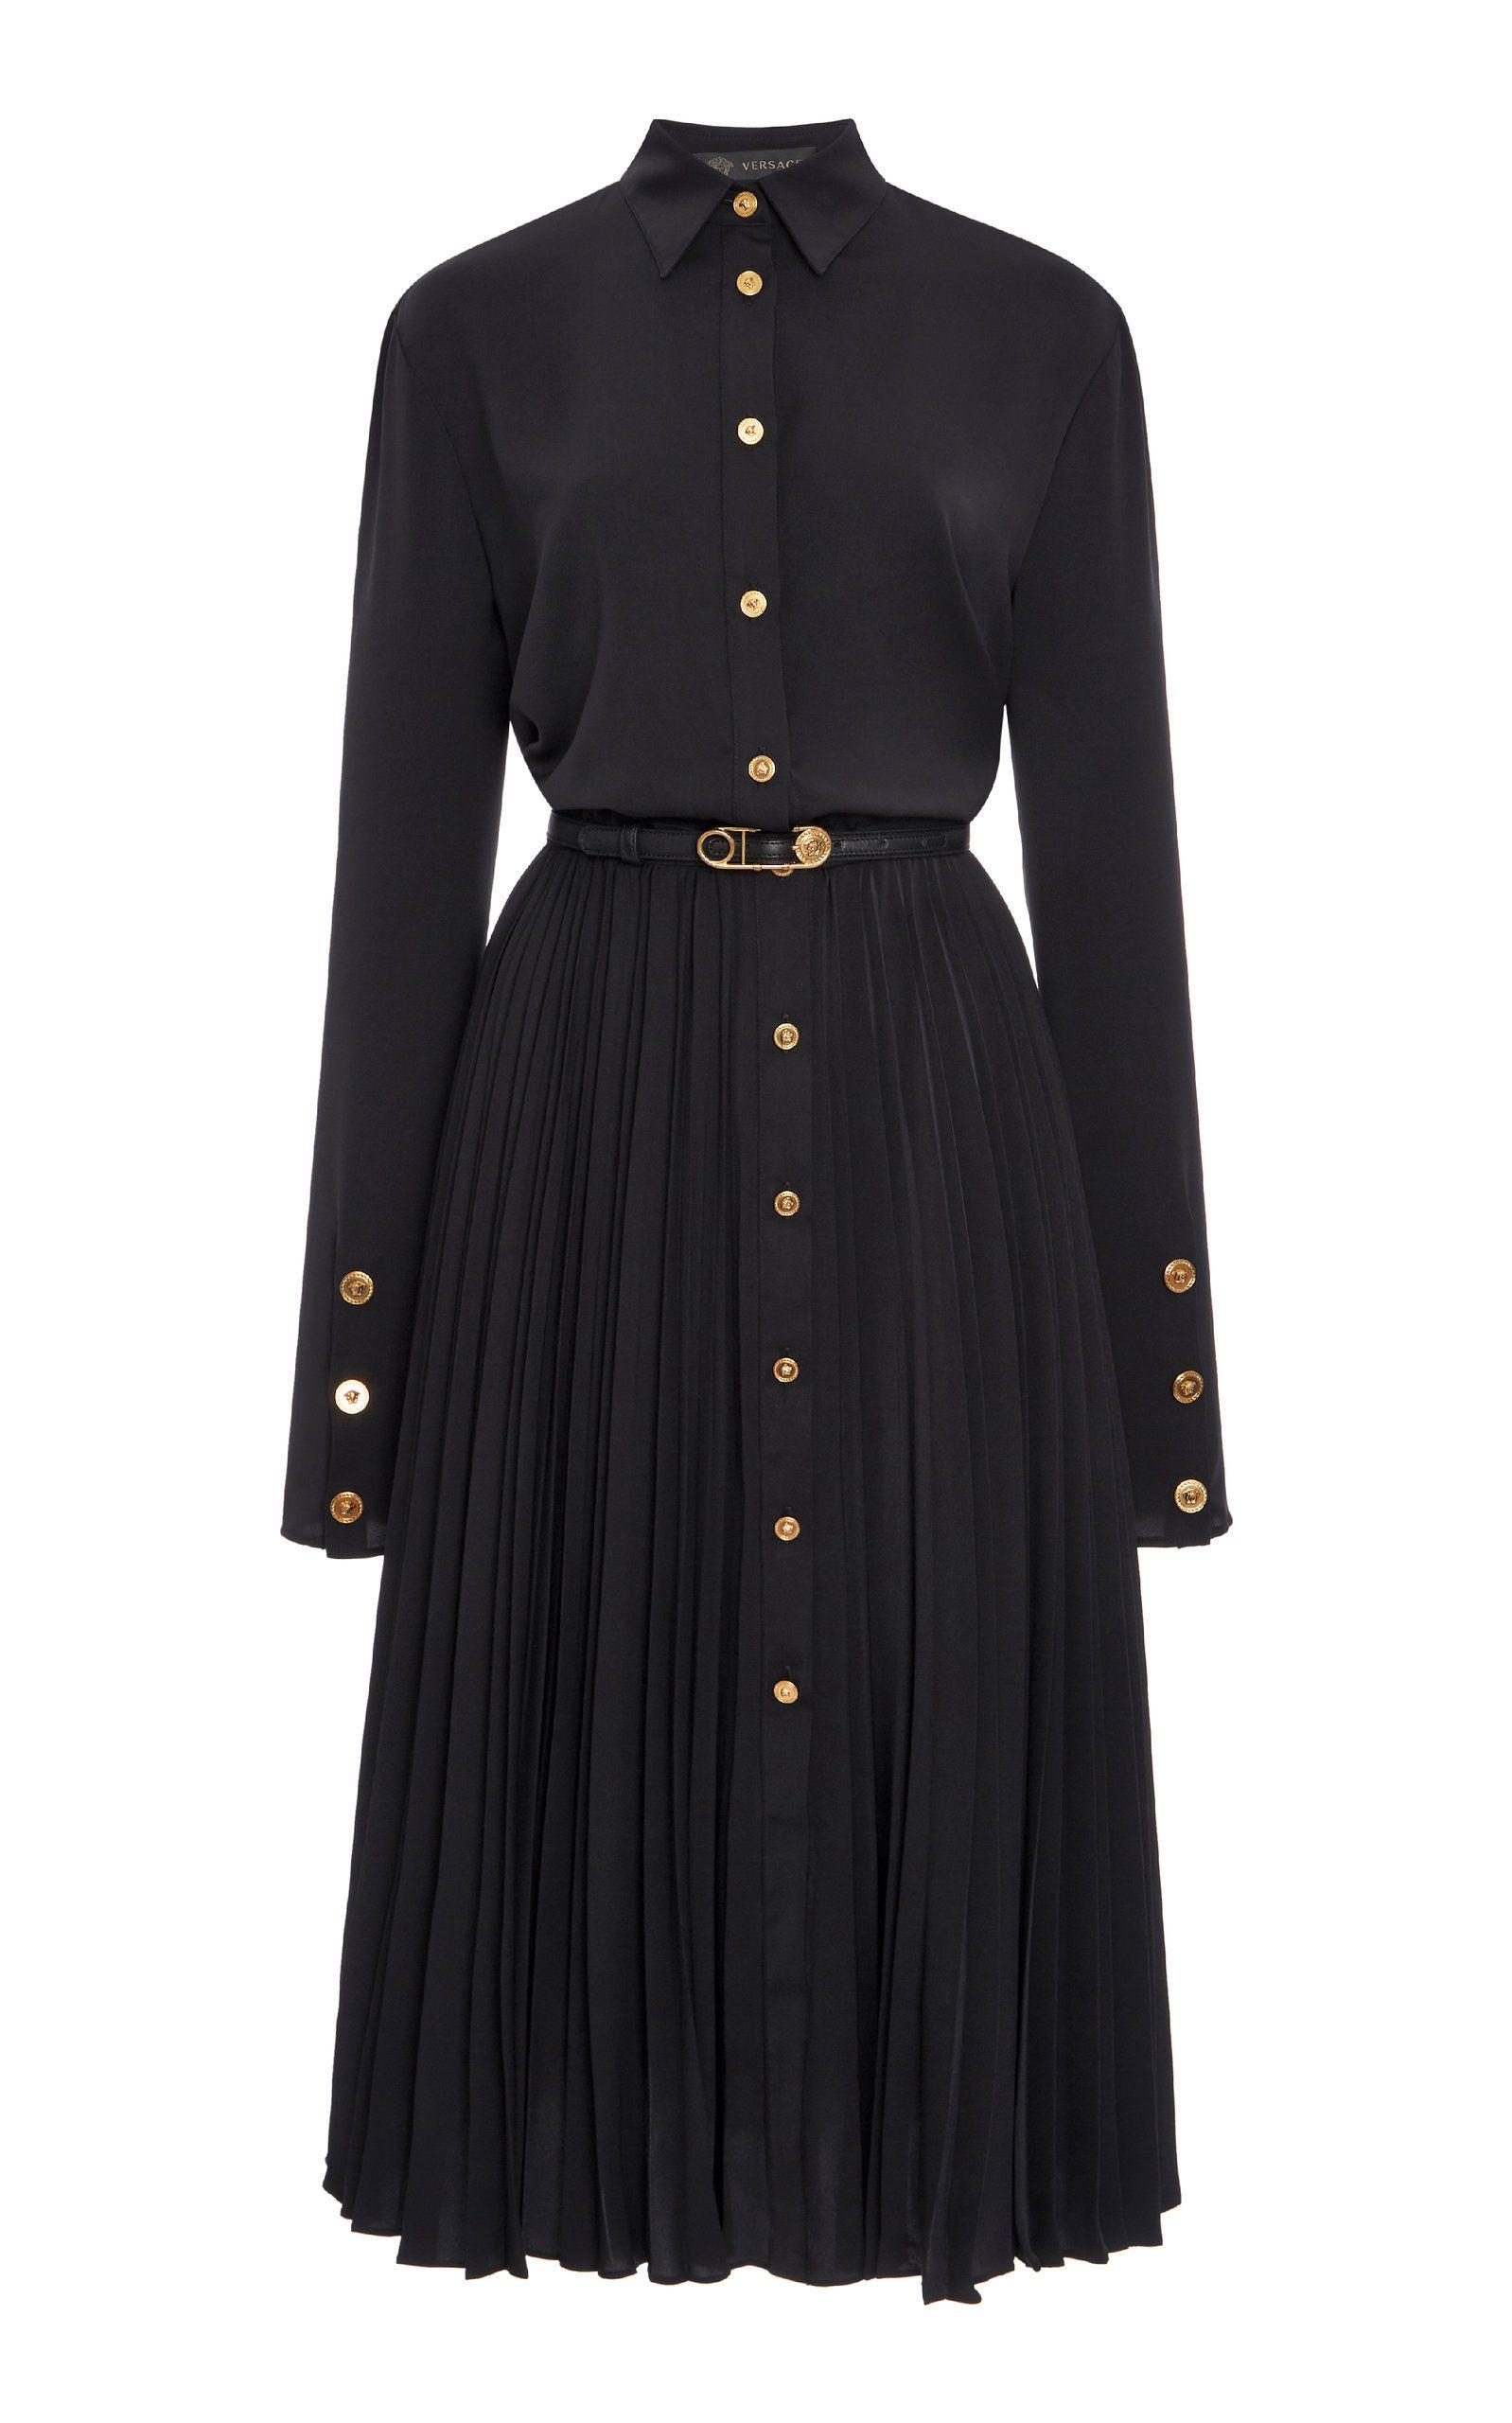 Colecciones de Moda Versace para Mujer    Moda Operandi  – Moda